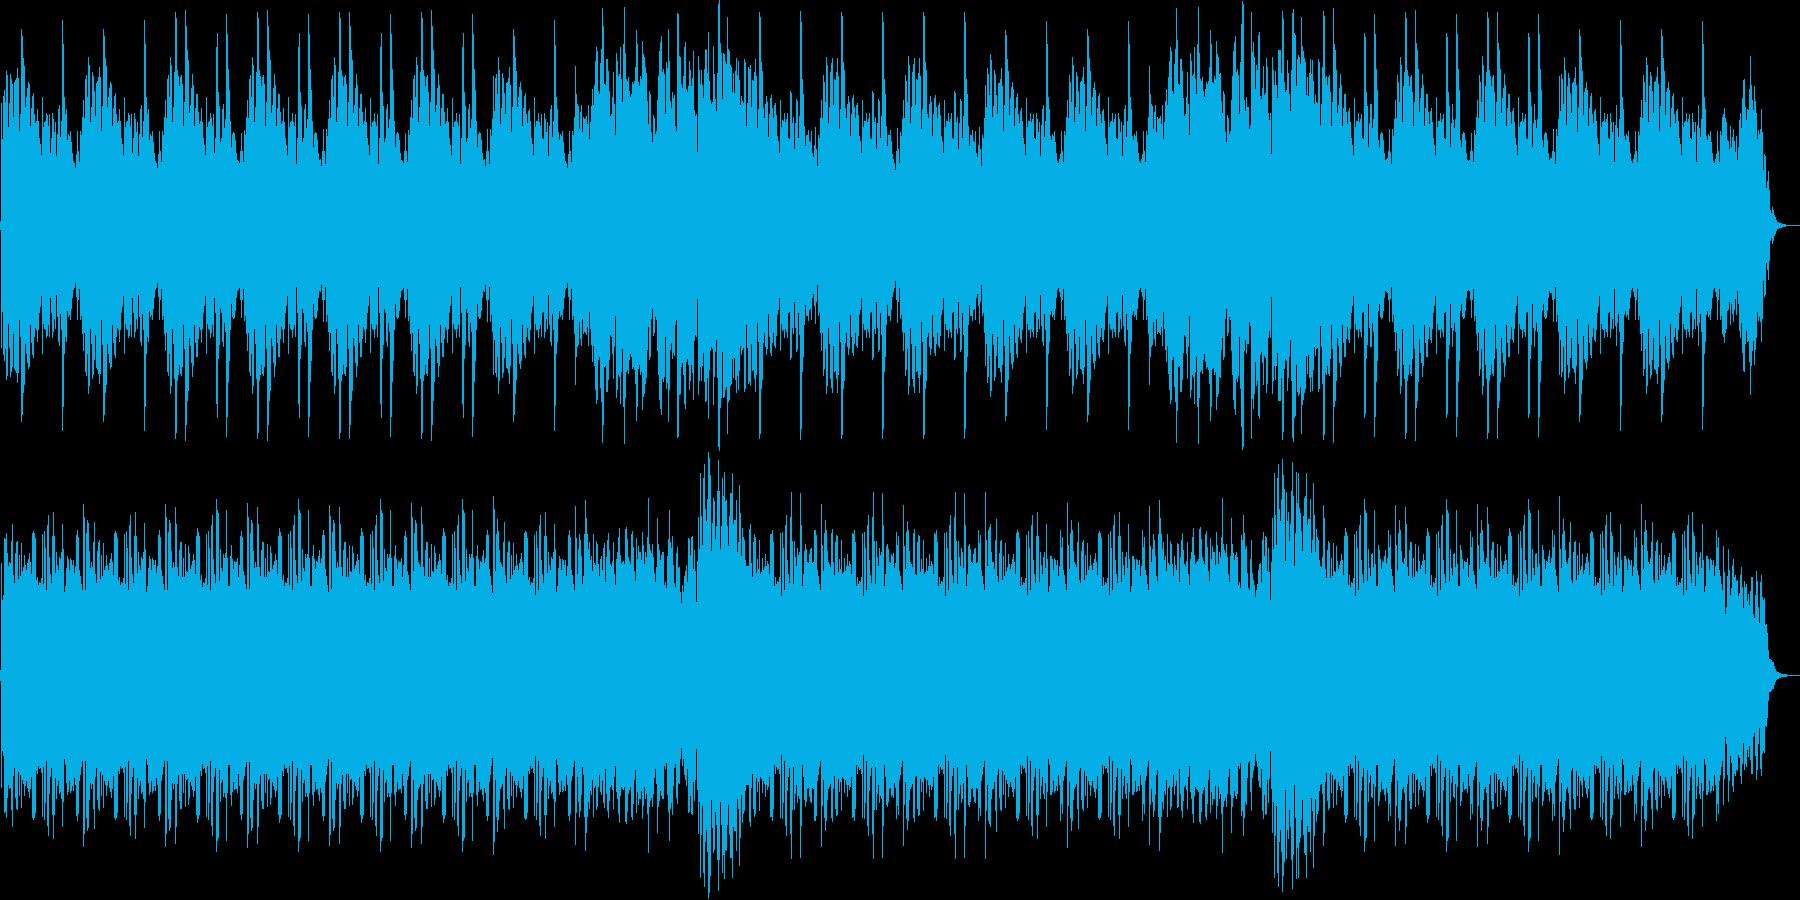 睡眠用BGM向けの優しい環境音楽の再生済みの波形